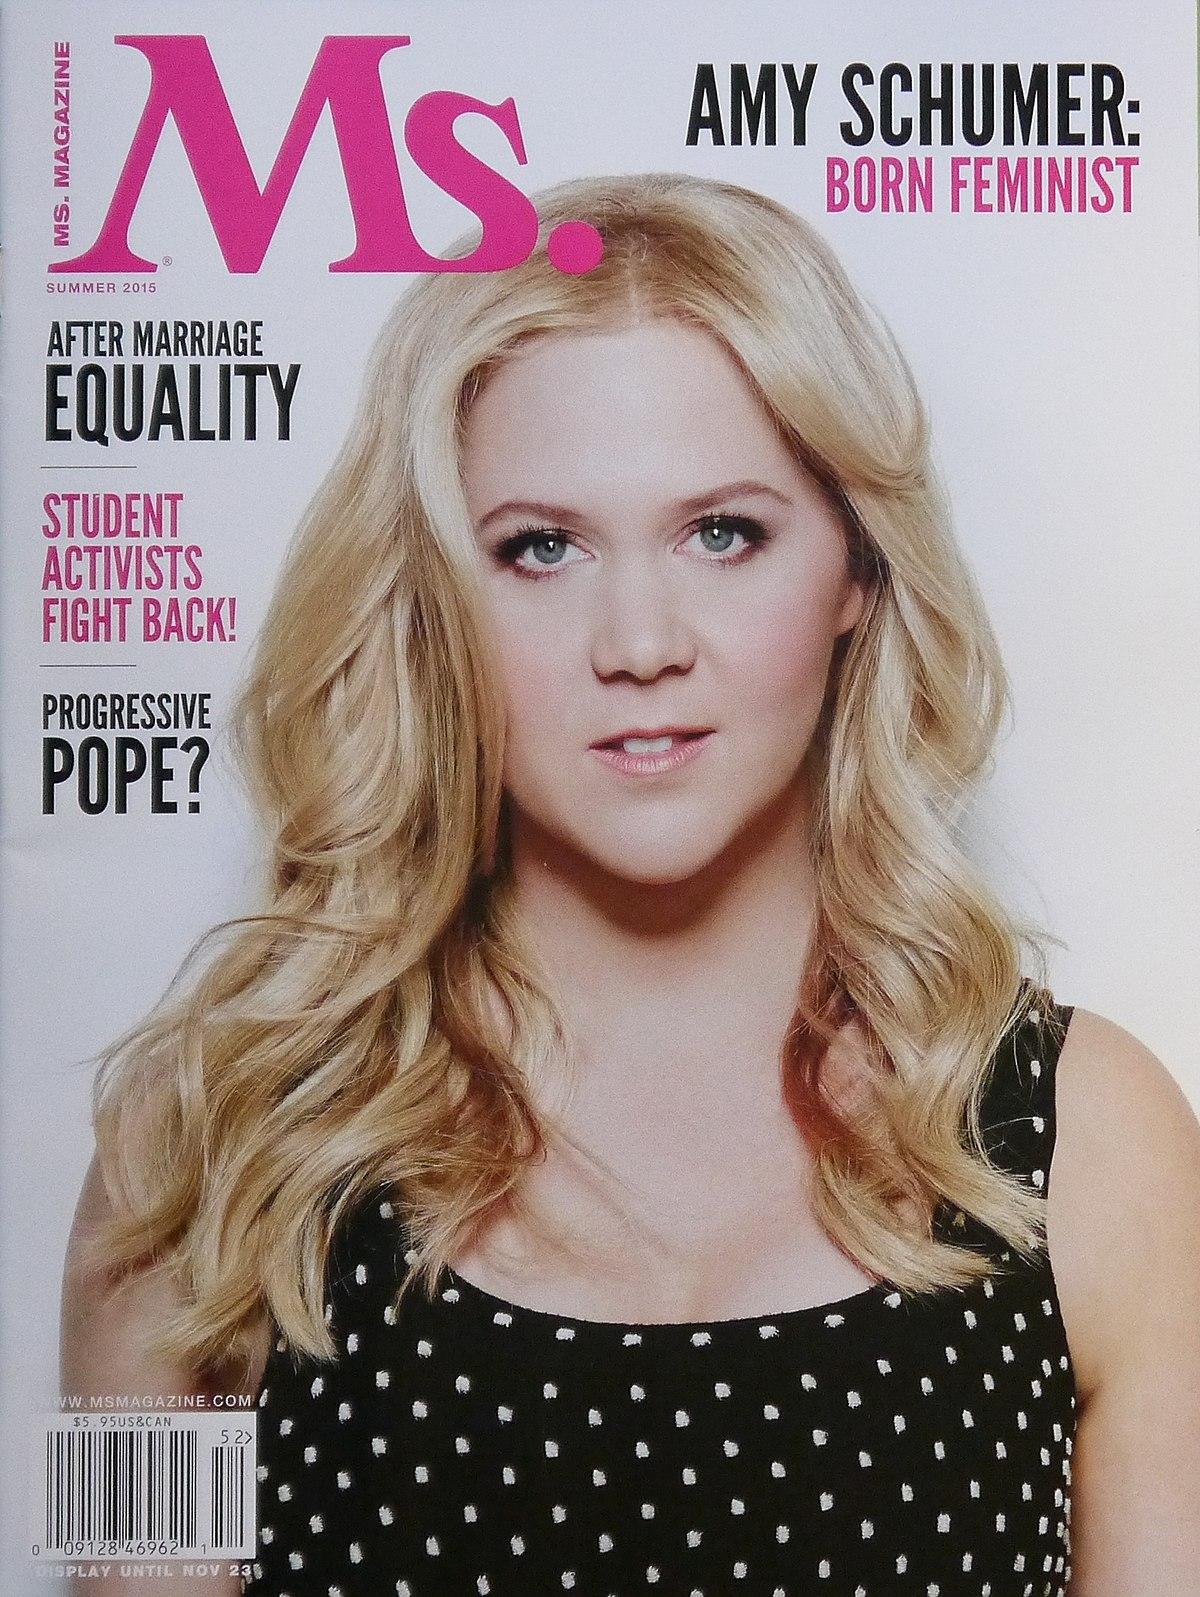 School Magazine Cover Design Download